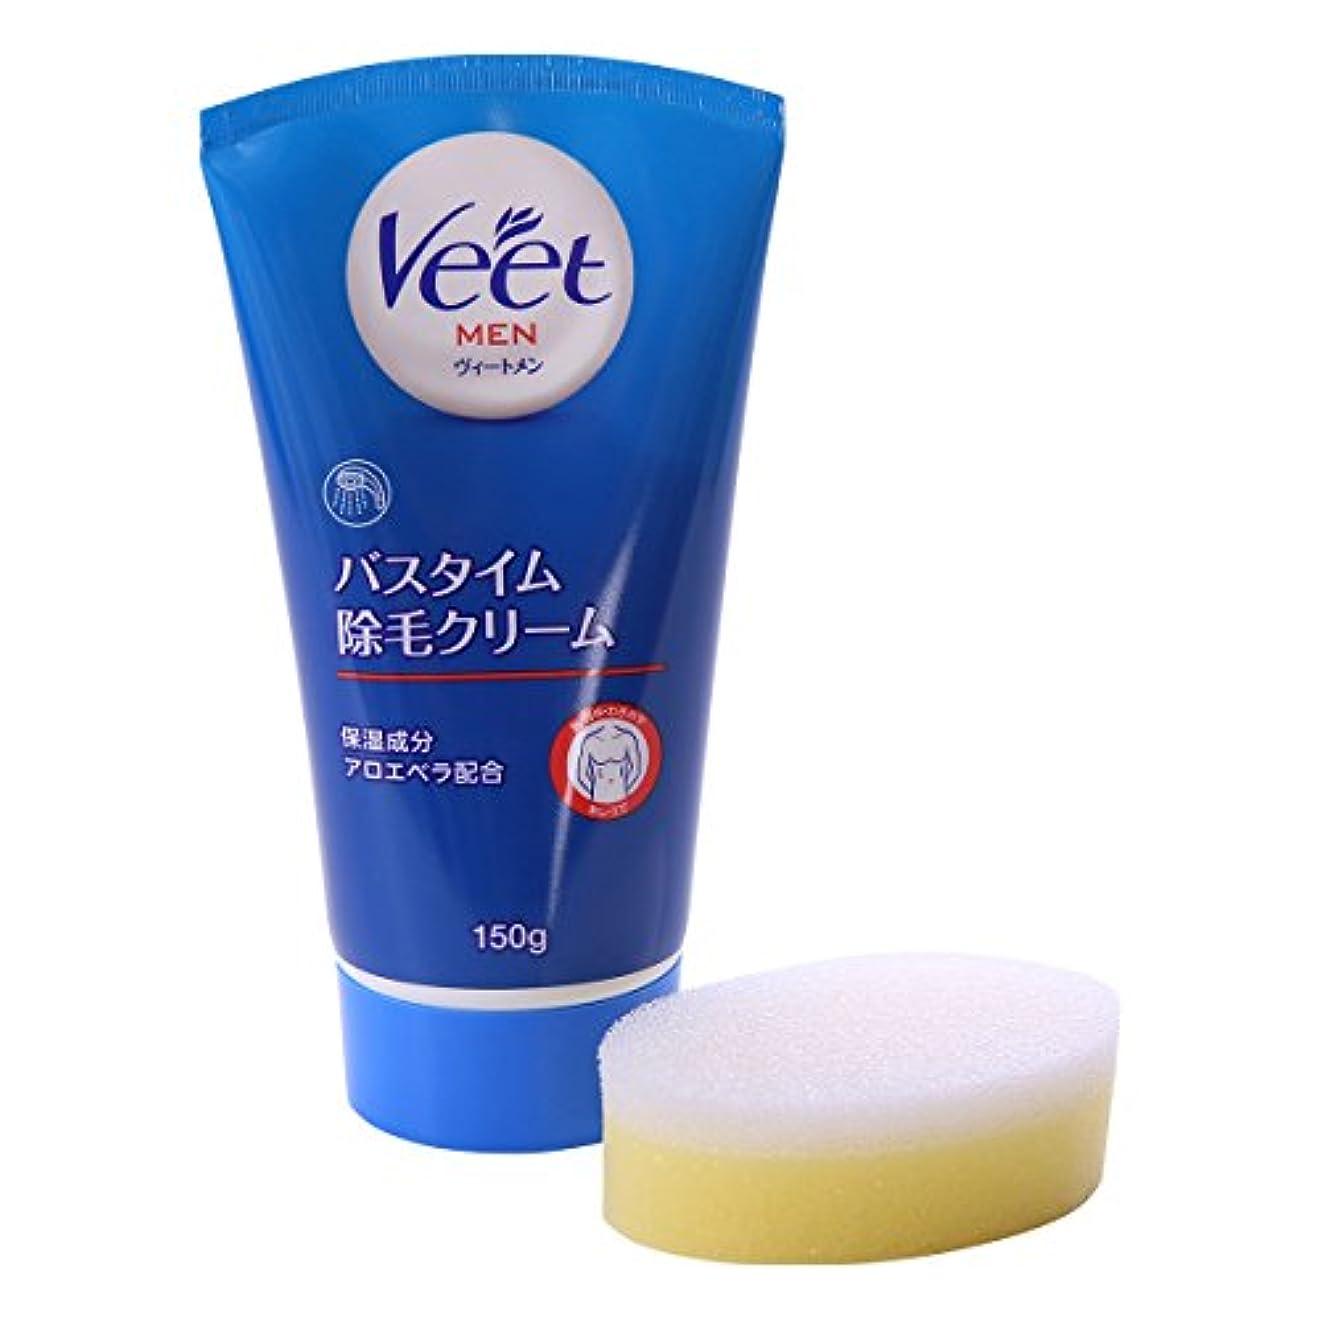 雇う頭痛後ろ、背後、背面(部(ヴィート)Veet メンズ バスタイム 除毛クリーム あし うで 胸 背中 わきの下